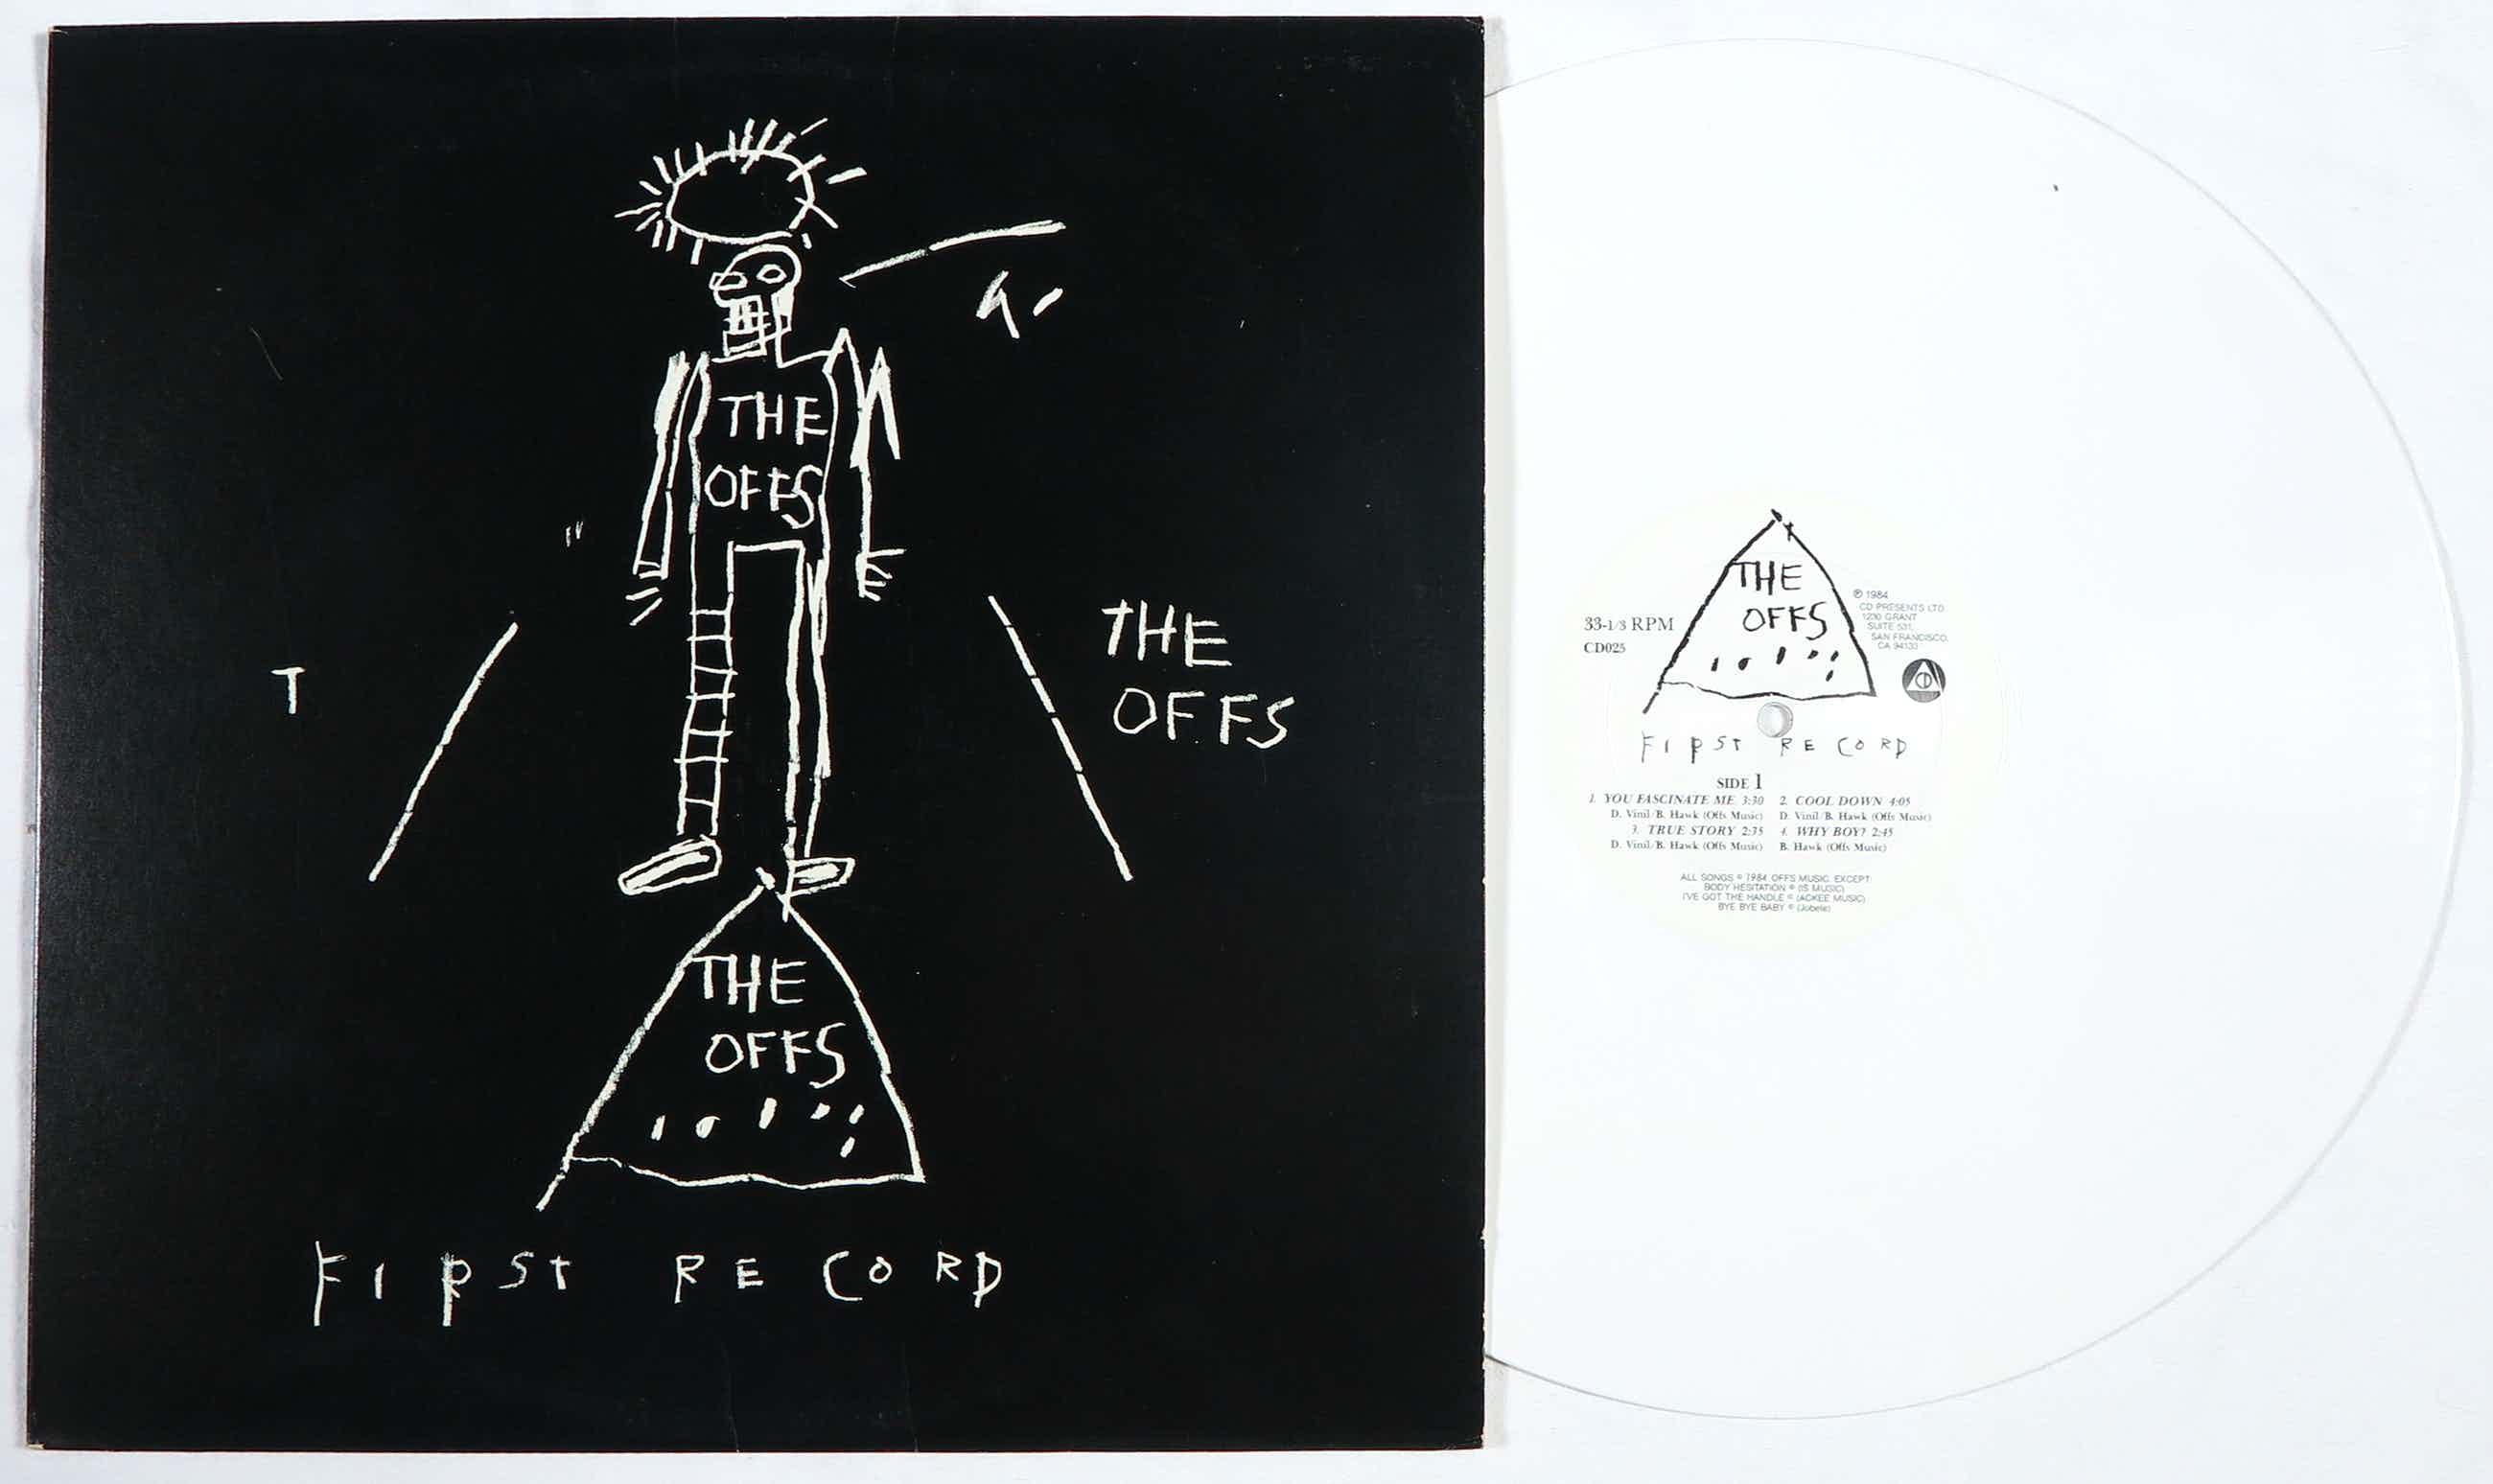 Der Auktionserlös von Jean Michel Basquiat bei Kunstveiling